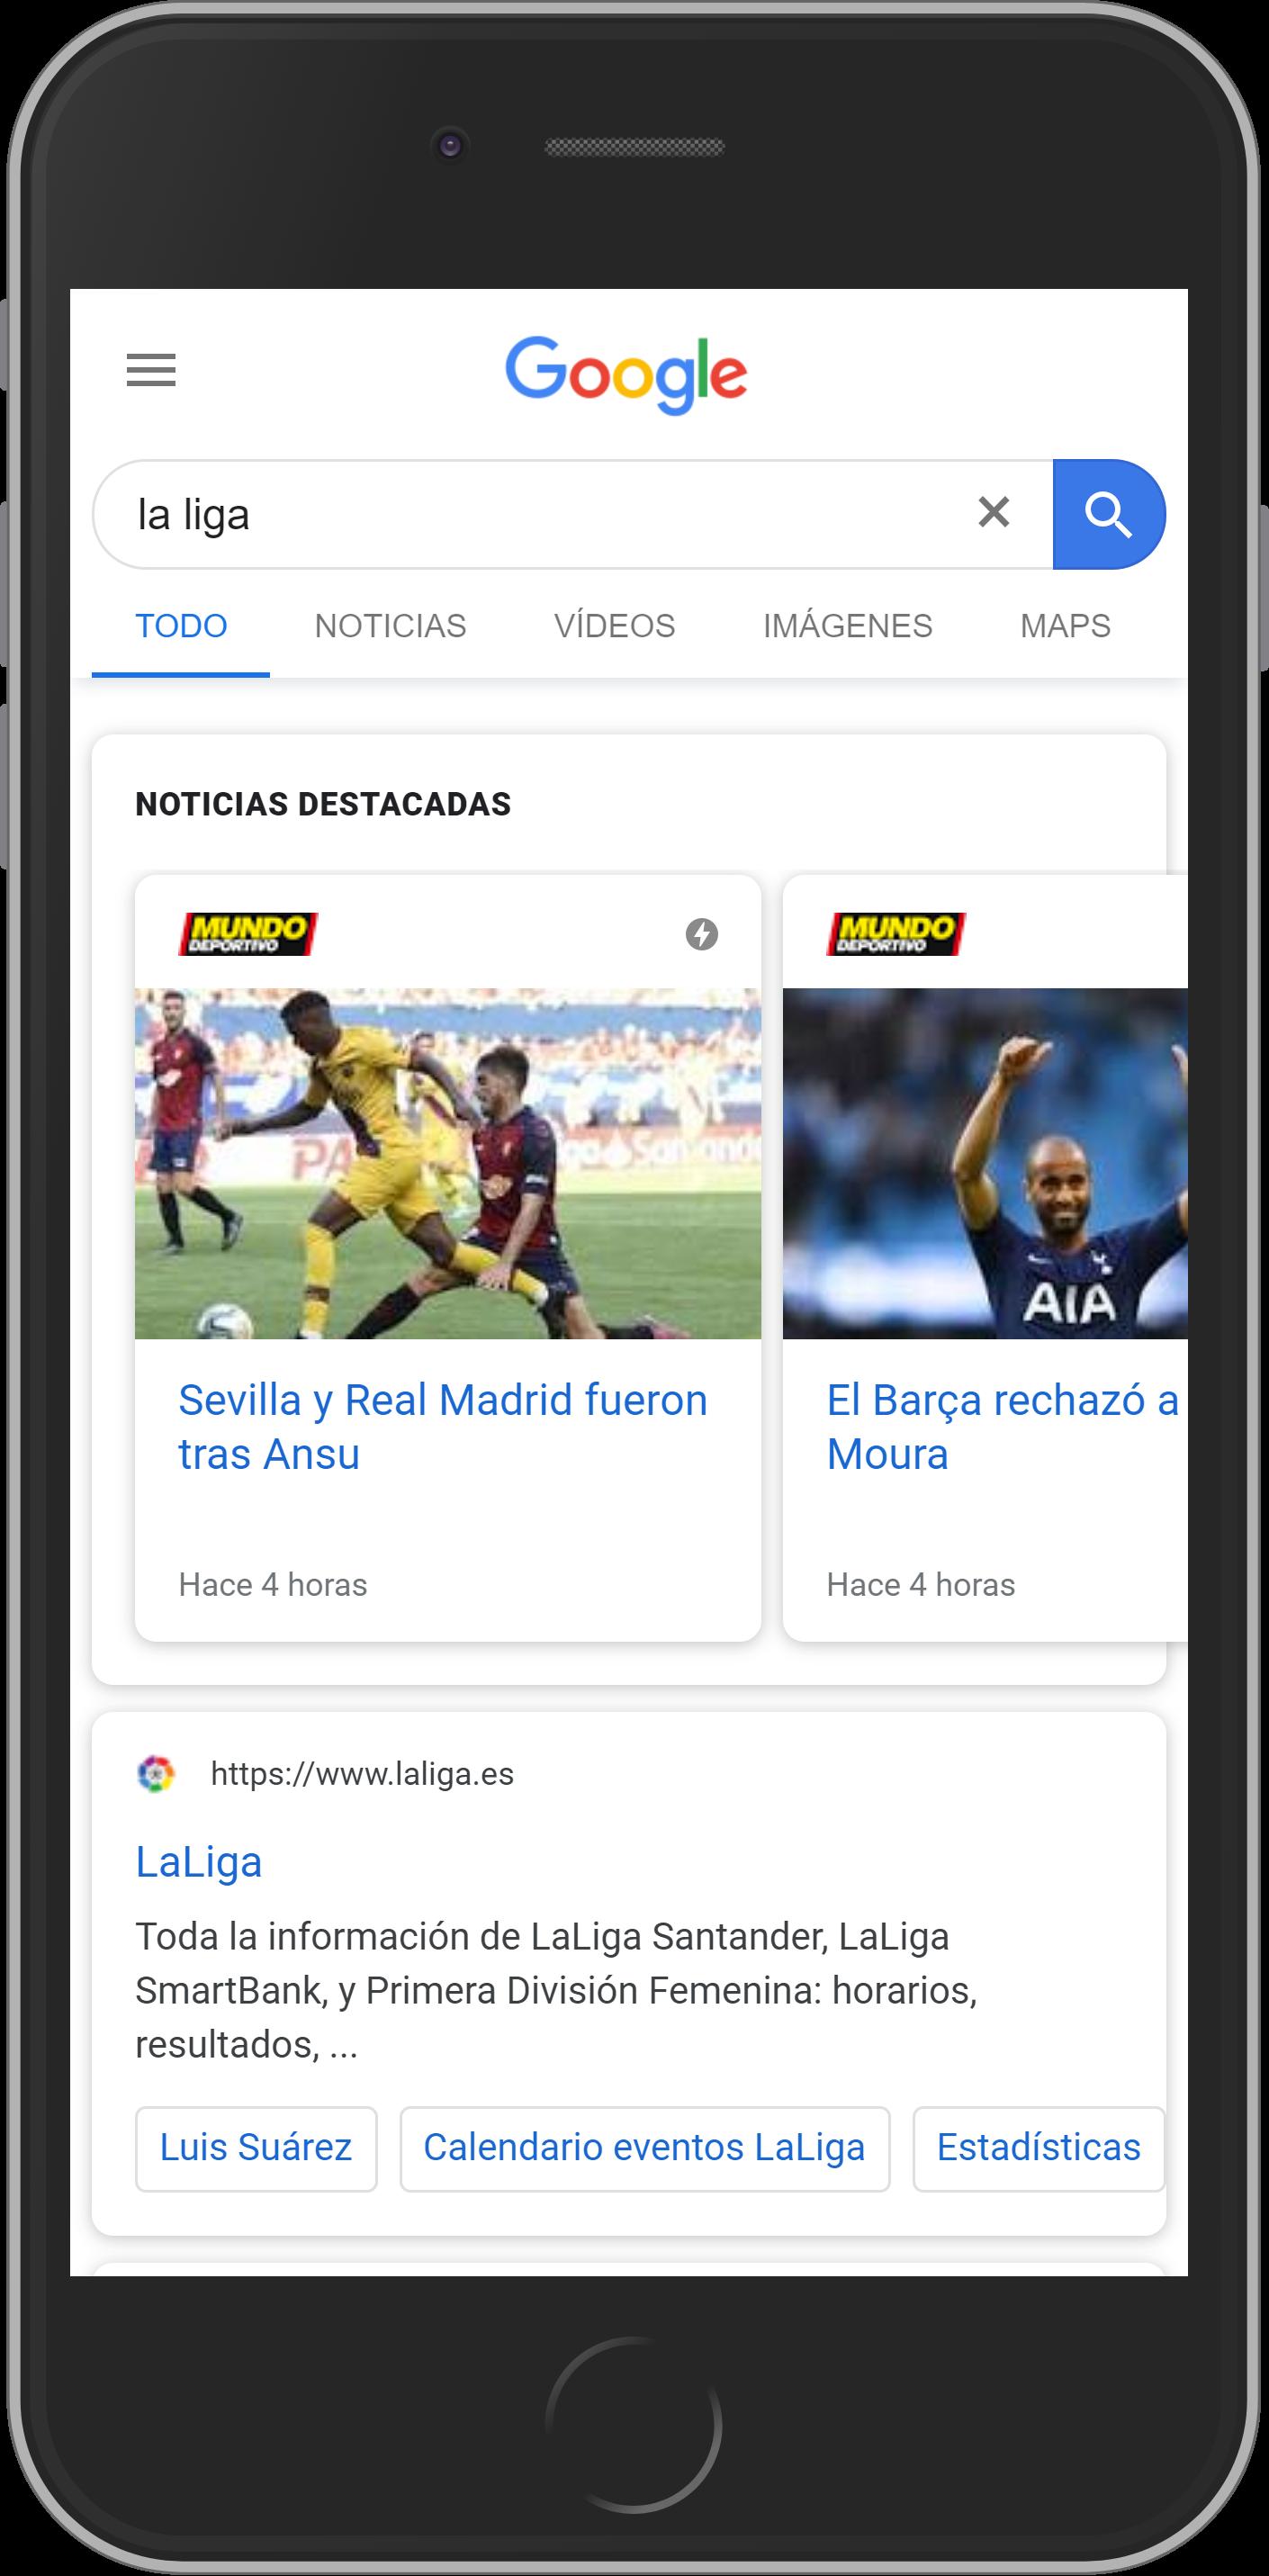 Google noticias como resultado de la búsqueda de La Liga en smartphone